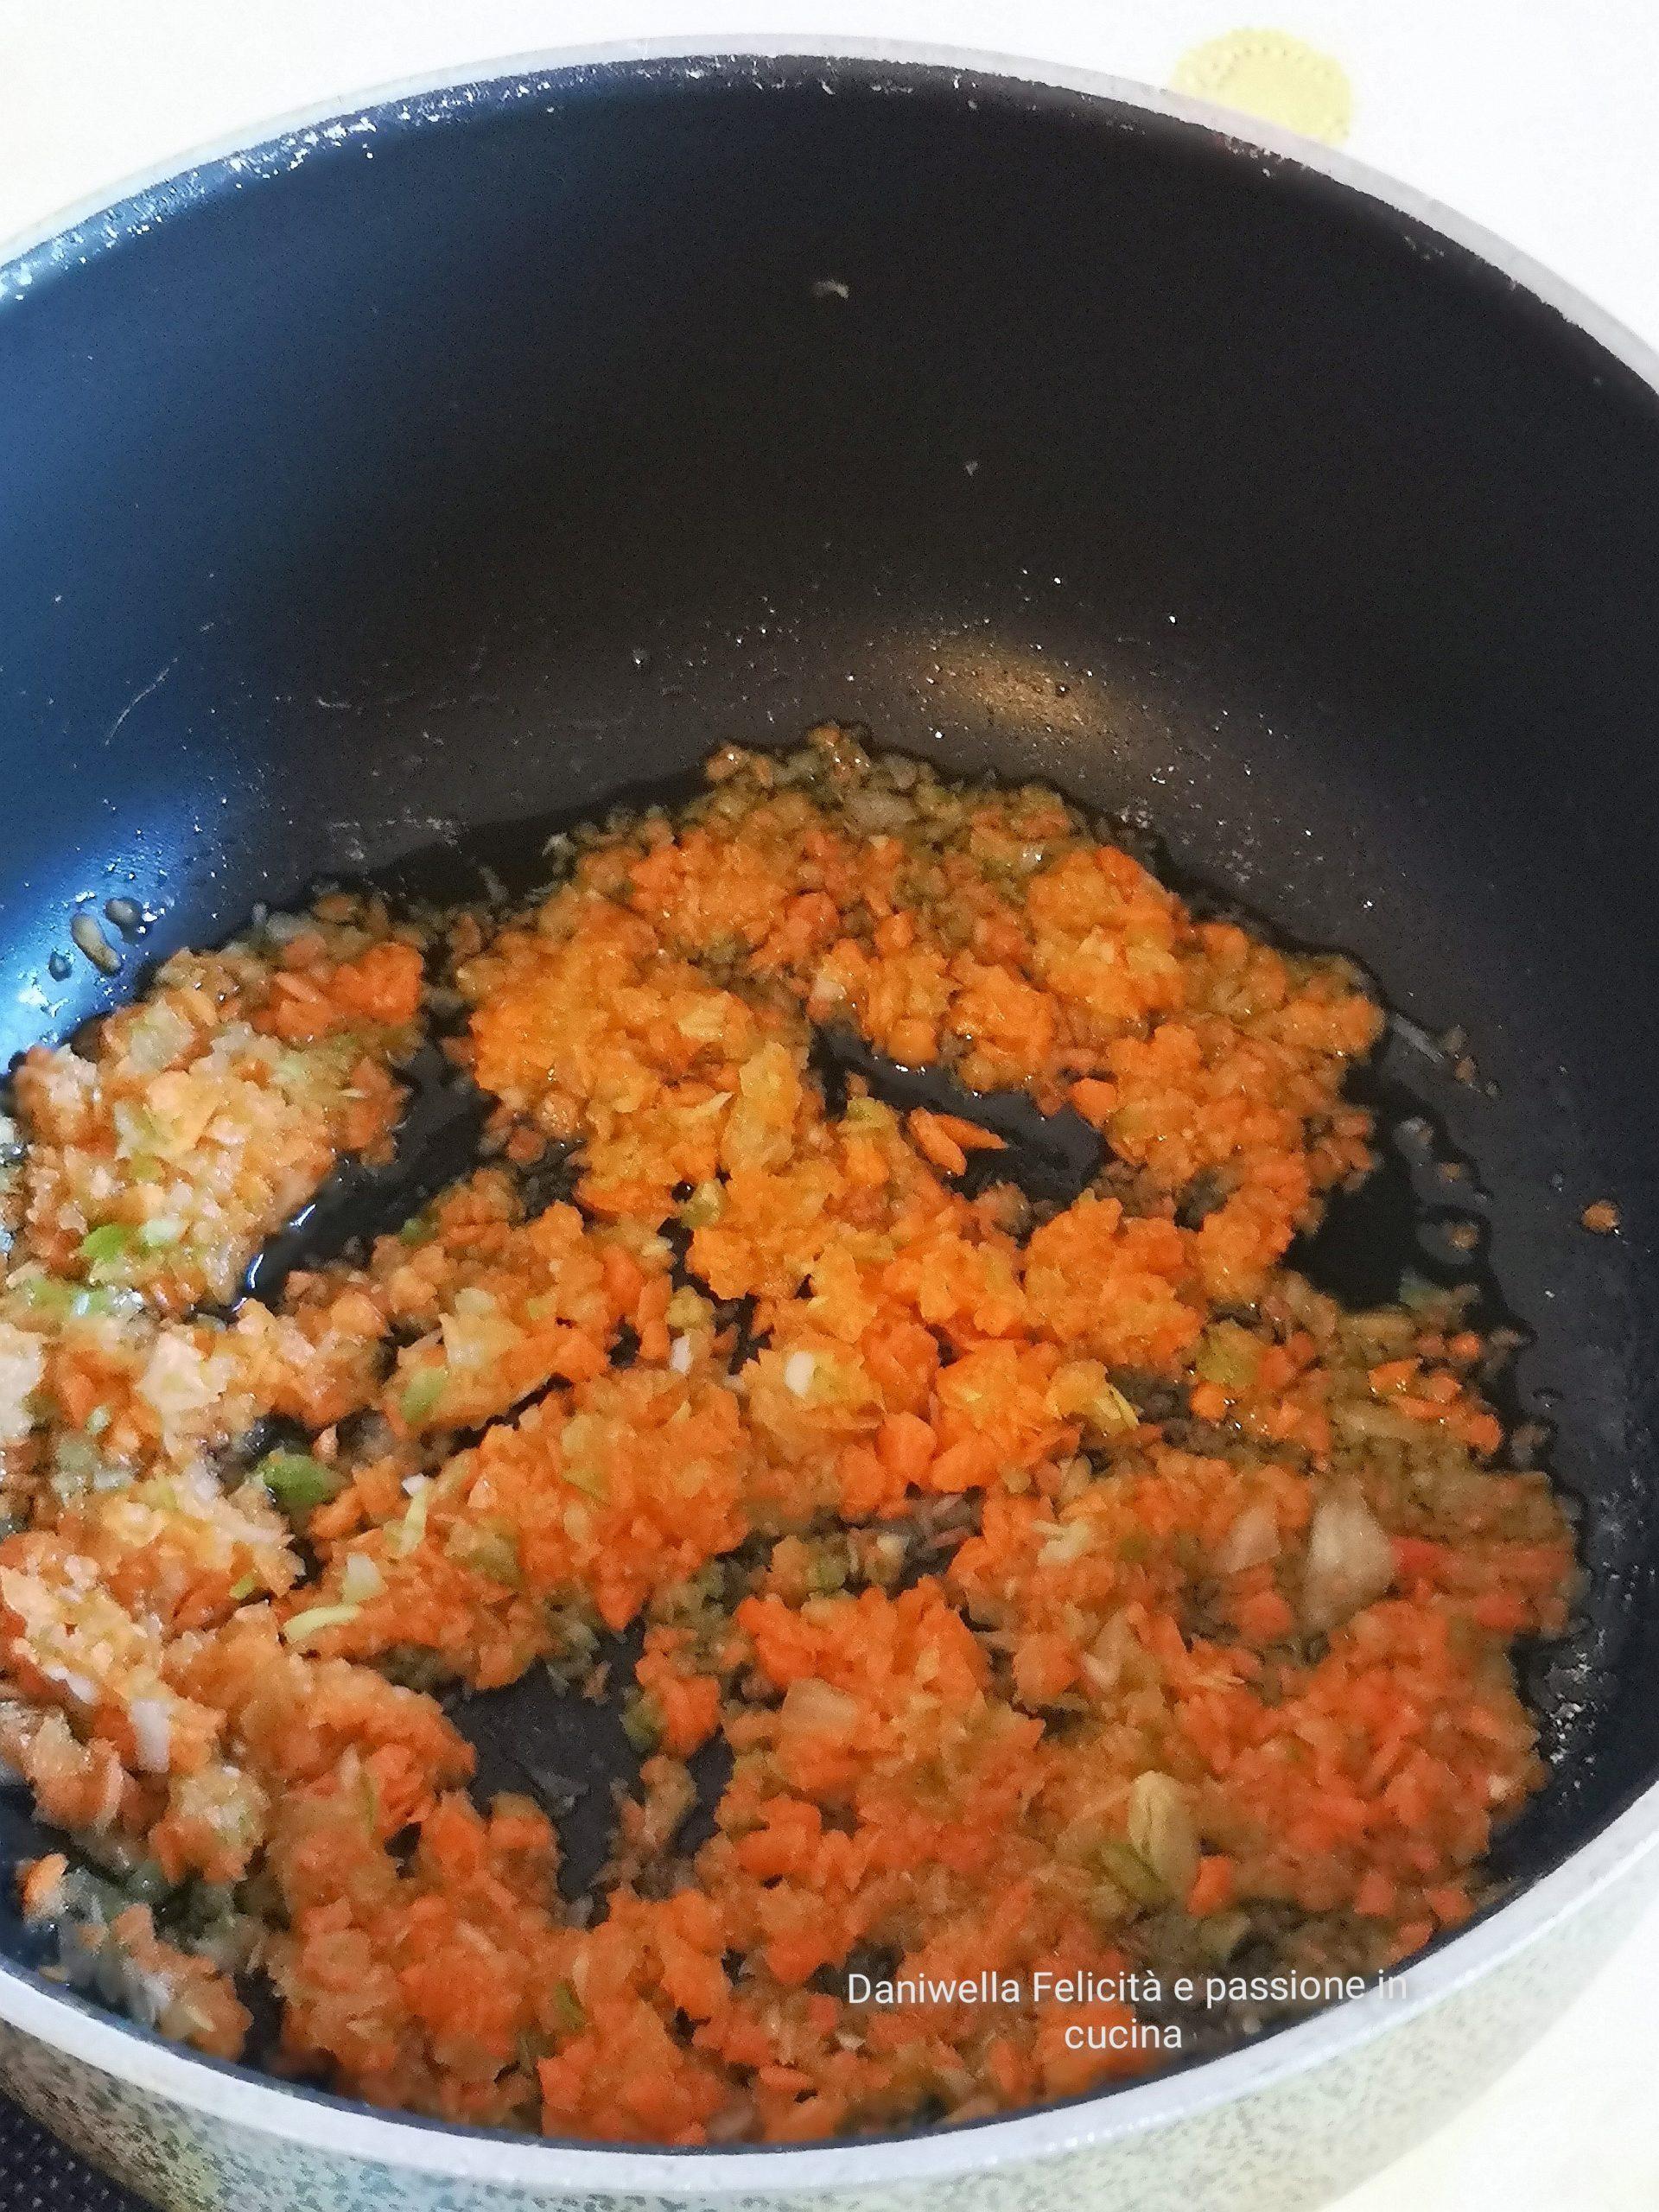 In una pentola capiente mettete l'olio e.v.o e l'aglio, soffriggete a fuoco alto per 30 secondi eppoi aggiungete il trito per soffritto e fate andare ancora per 3 minuti.